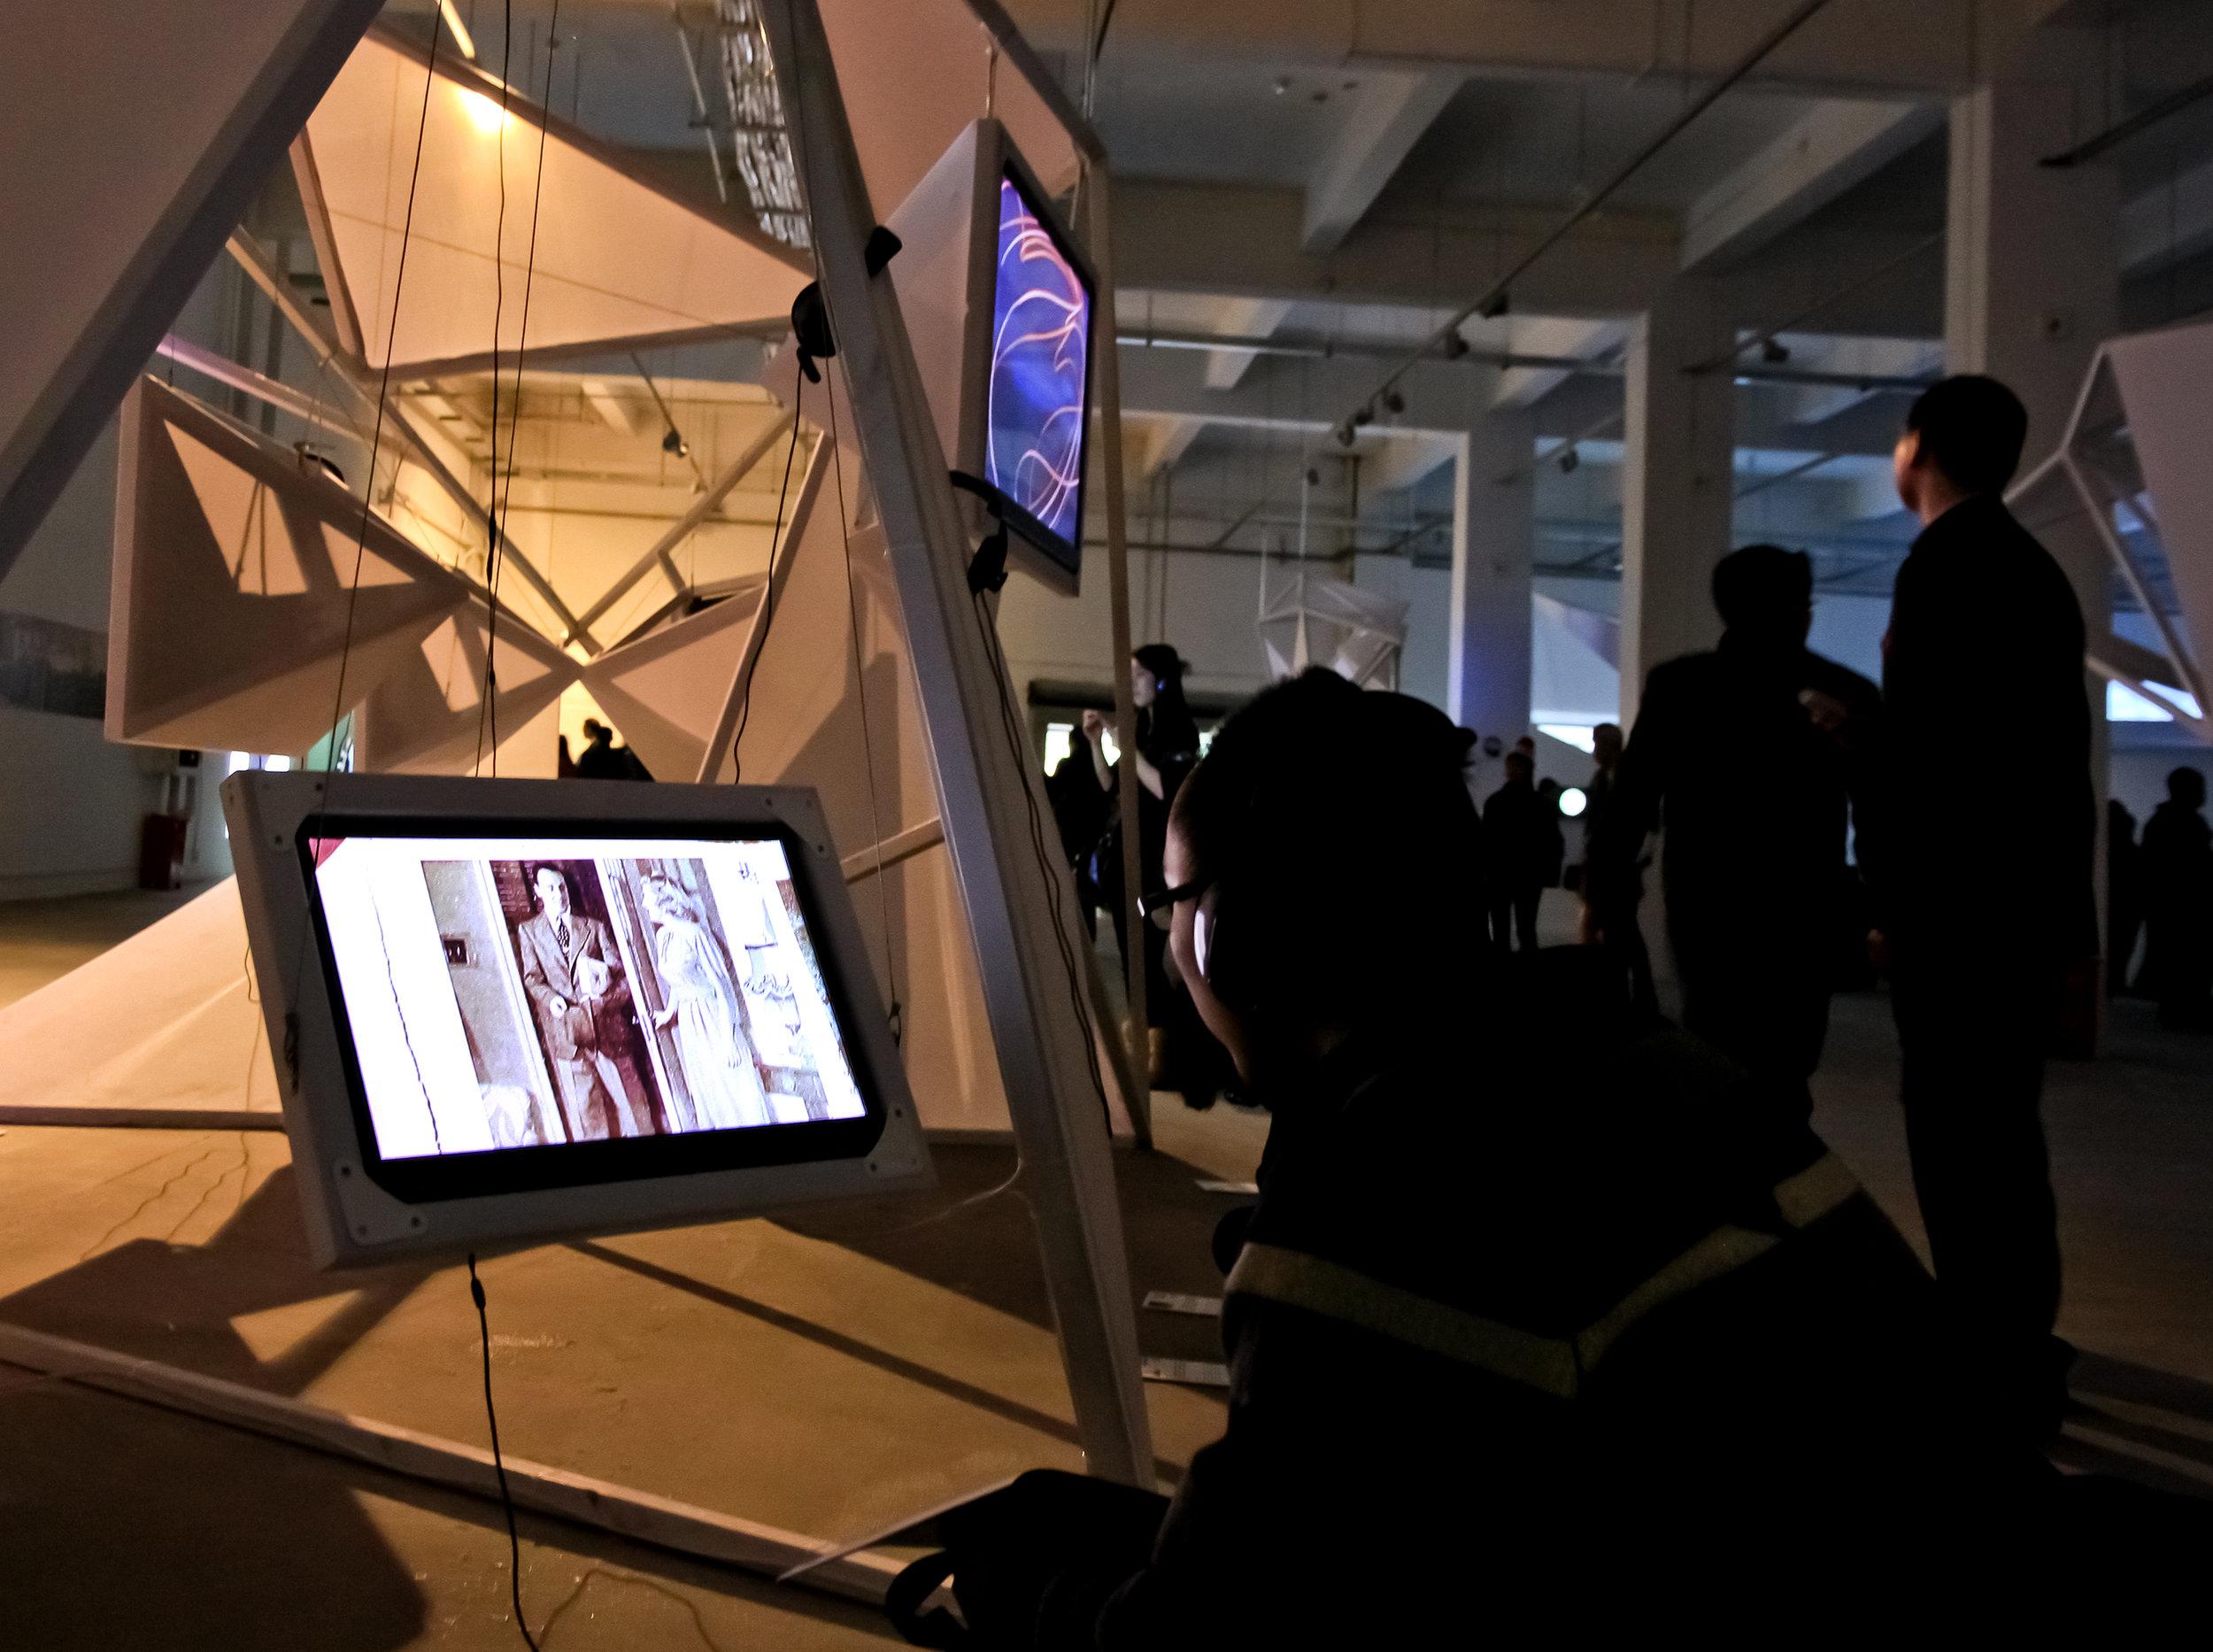 20121222首届深圳独立动画双年展16 欧阳勇 摄影.jpg